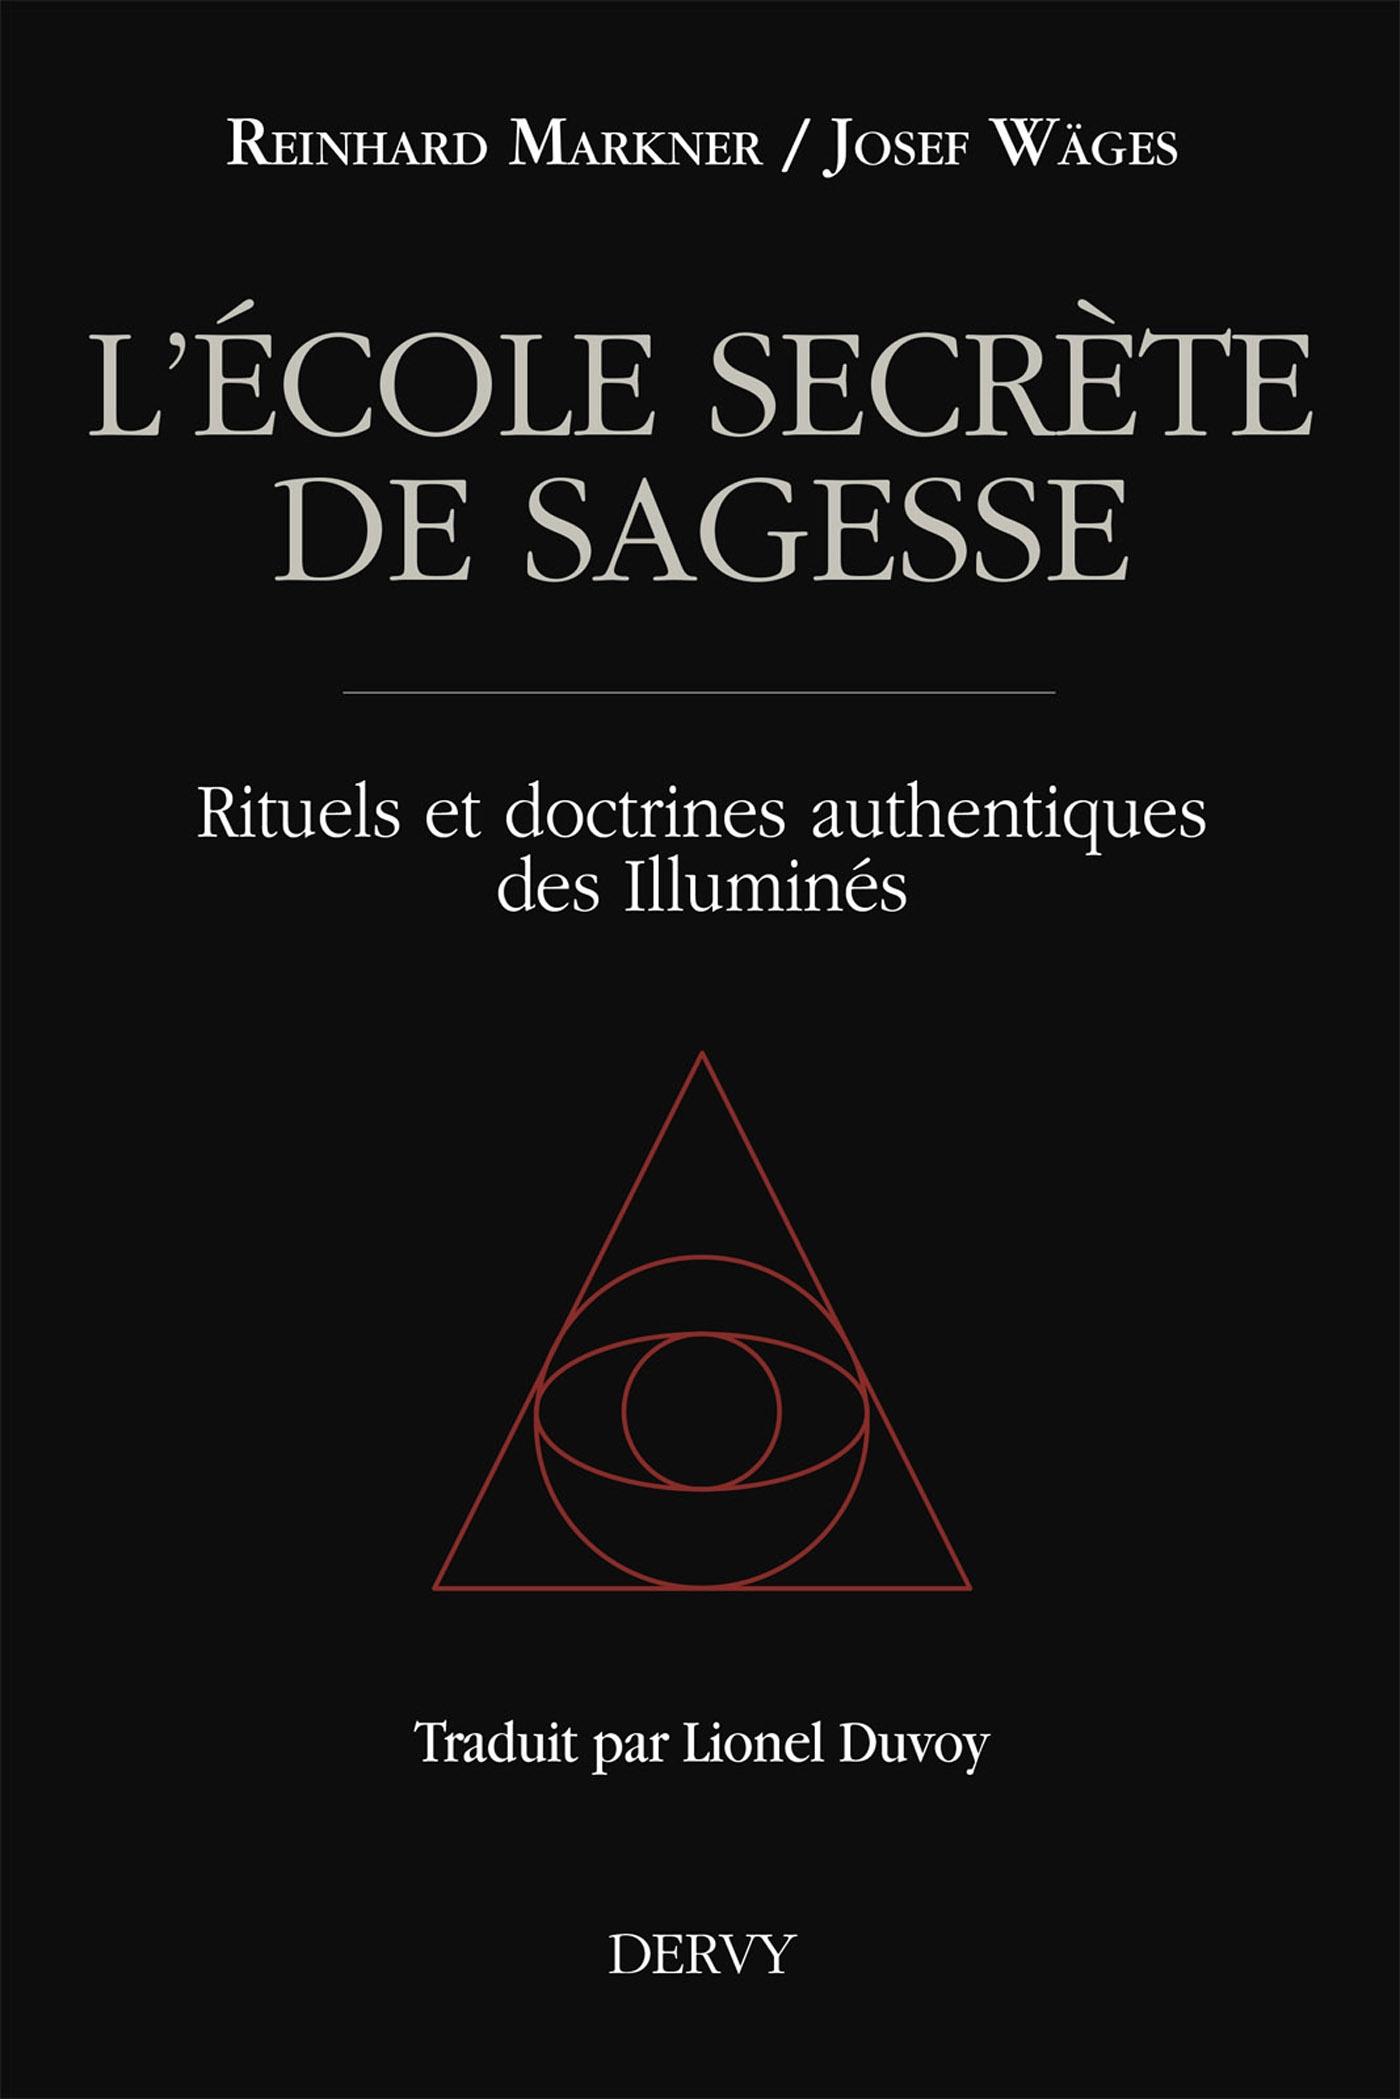 L'école secrète de sagesse